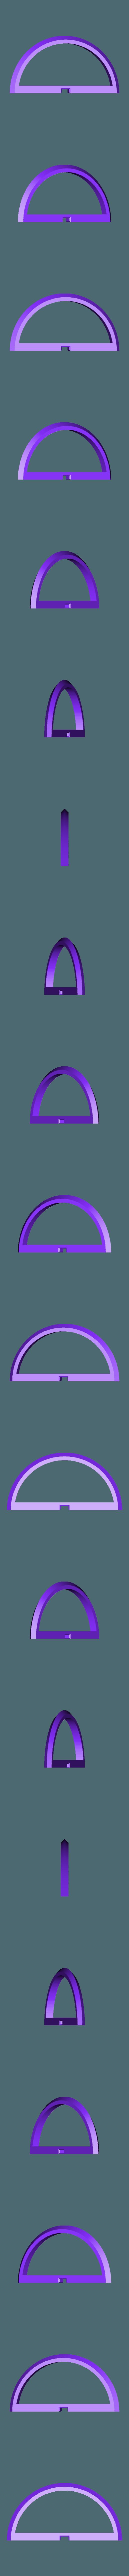 Sphericon3-chamf.stl Télécharger fichier STL gratuit Sphérique filaire • Plan pour imprimante 3D, Alwyn